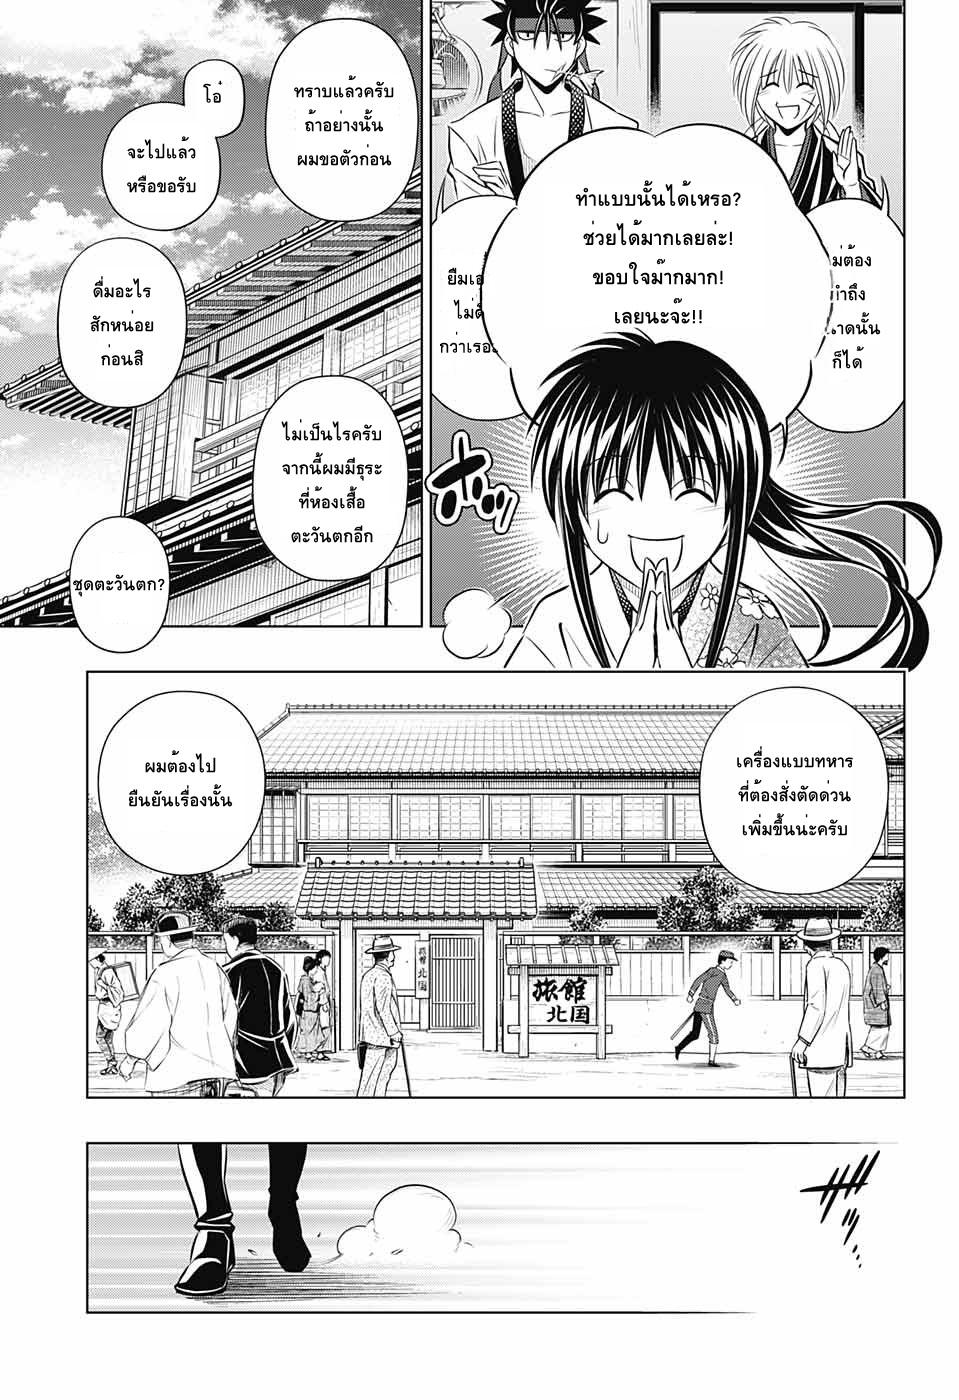 อ่านการ์ตูน Rurouni Kenshin: Hokkaido Arc ตอนที่ 13 หน้าที่ 9